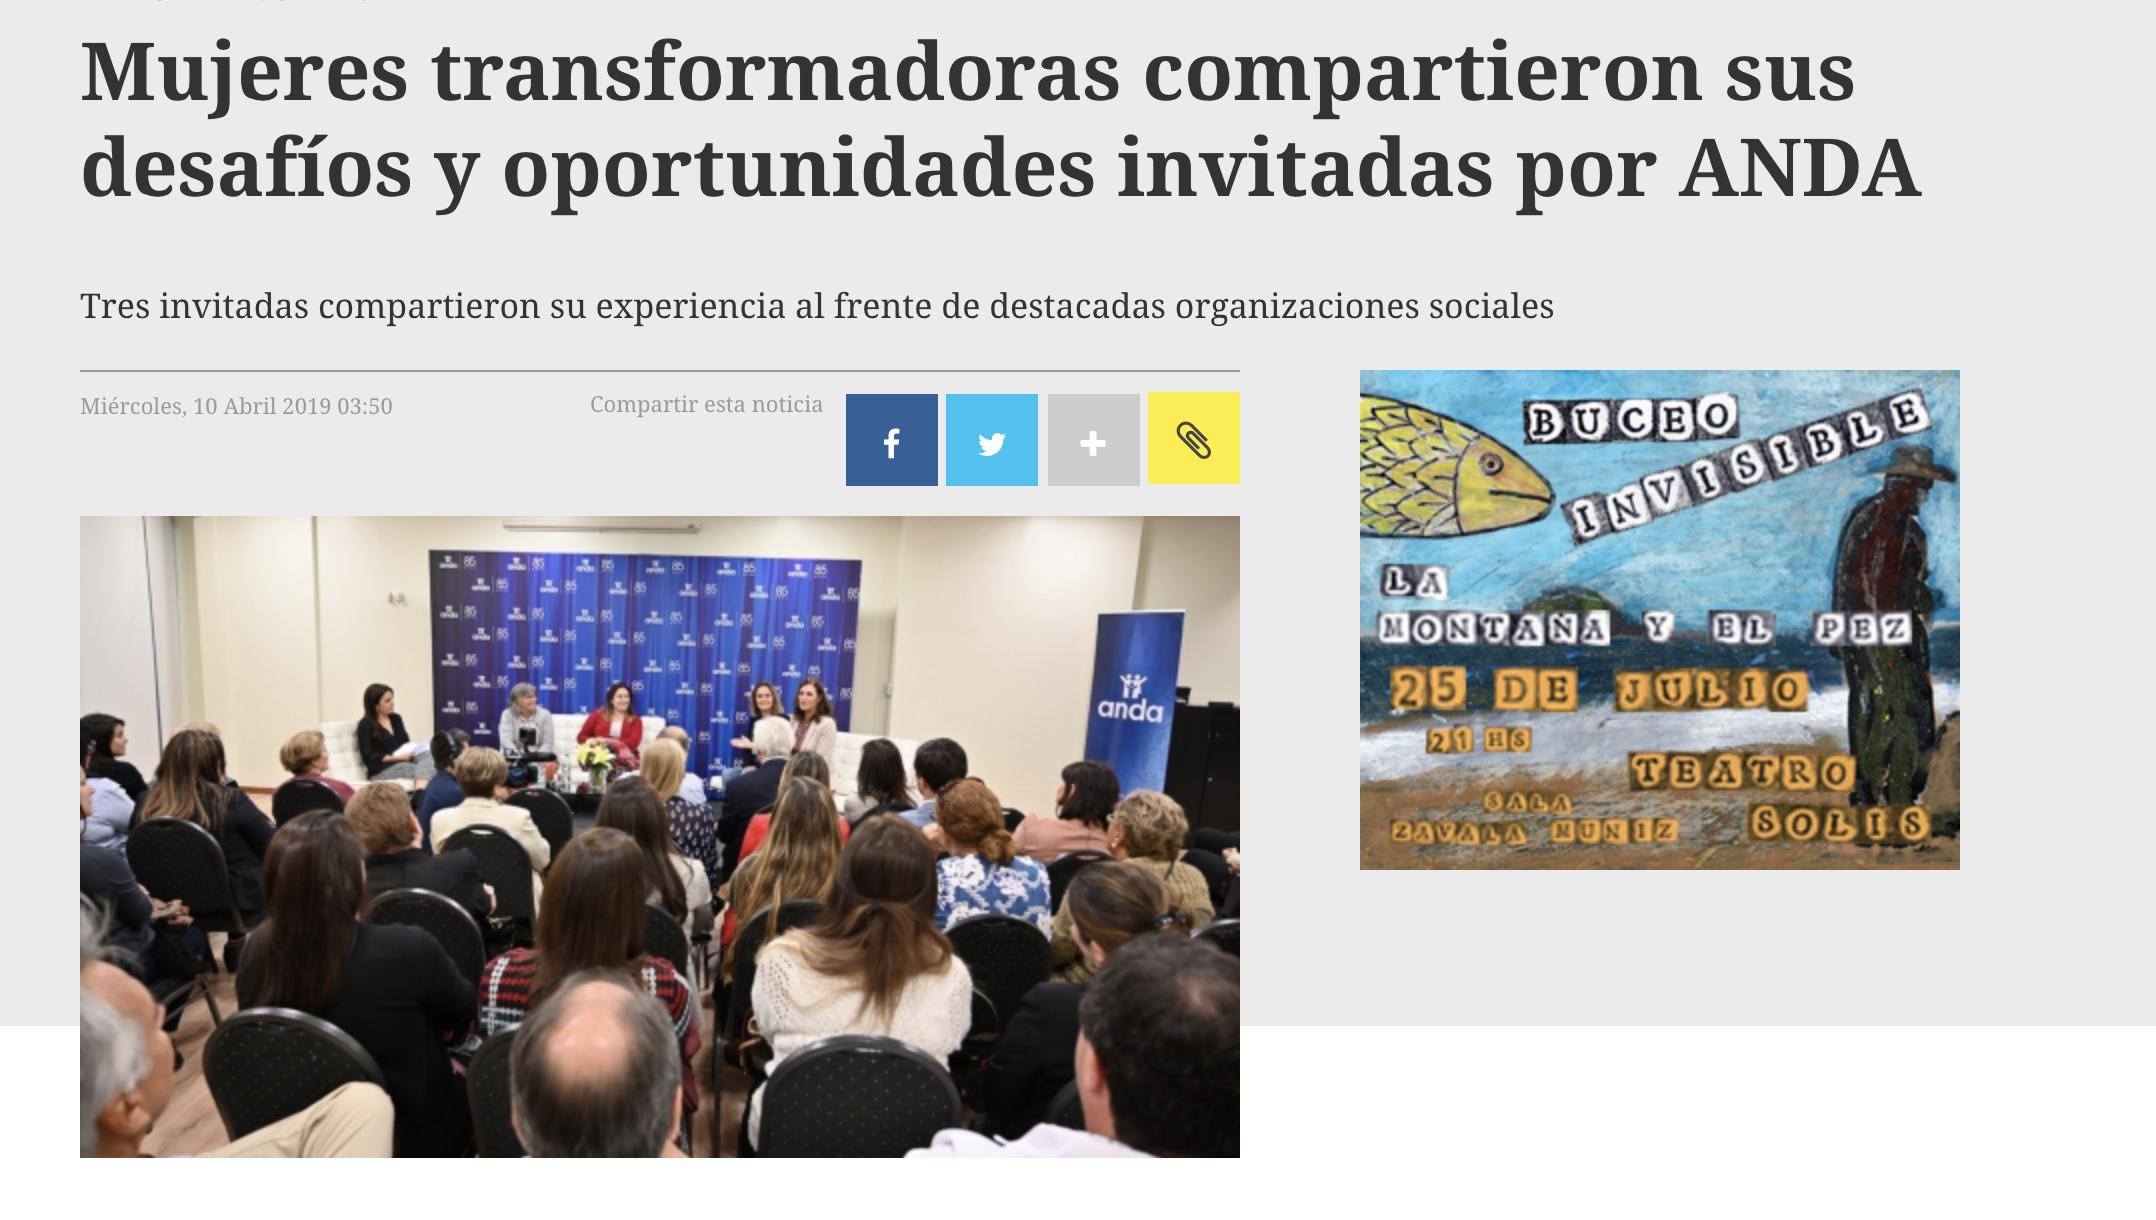 Mujeres transformadoras compartieron sus desafíos y oportunidades invitadas por ANDA -